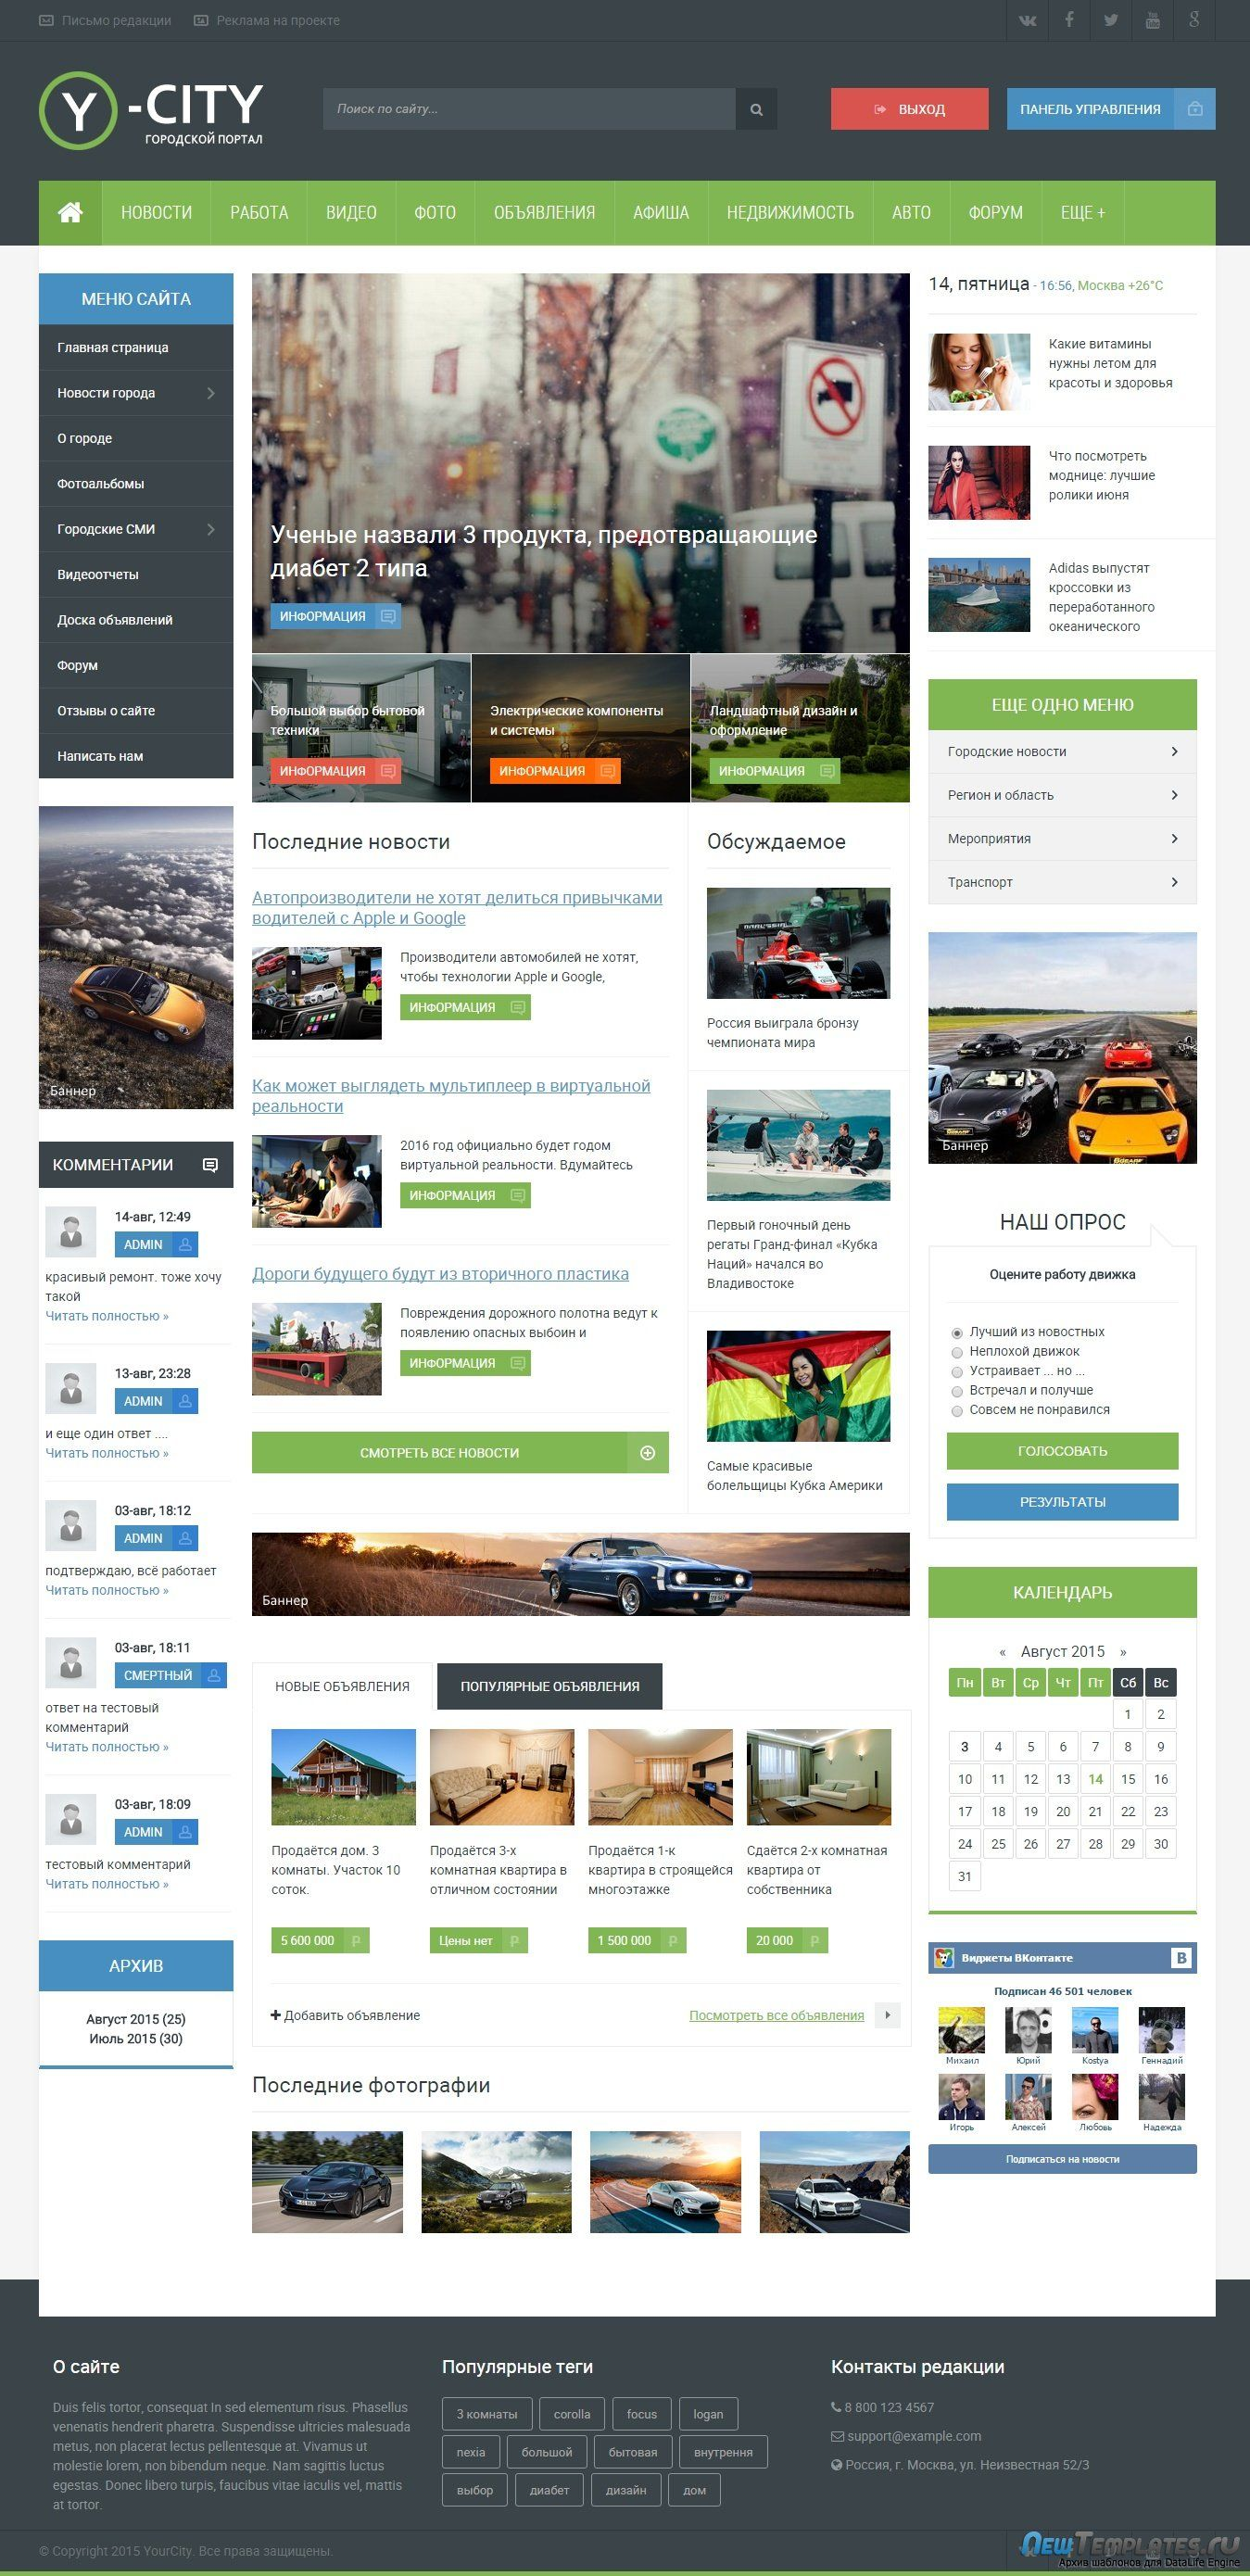 Тематика: авто портал, авто новости, автомобили для версии datalife engine: 95 ширина: фиксированная цветовая гамма